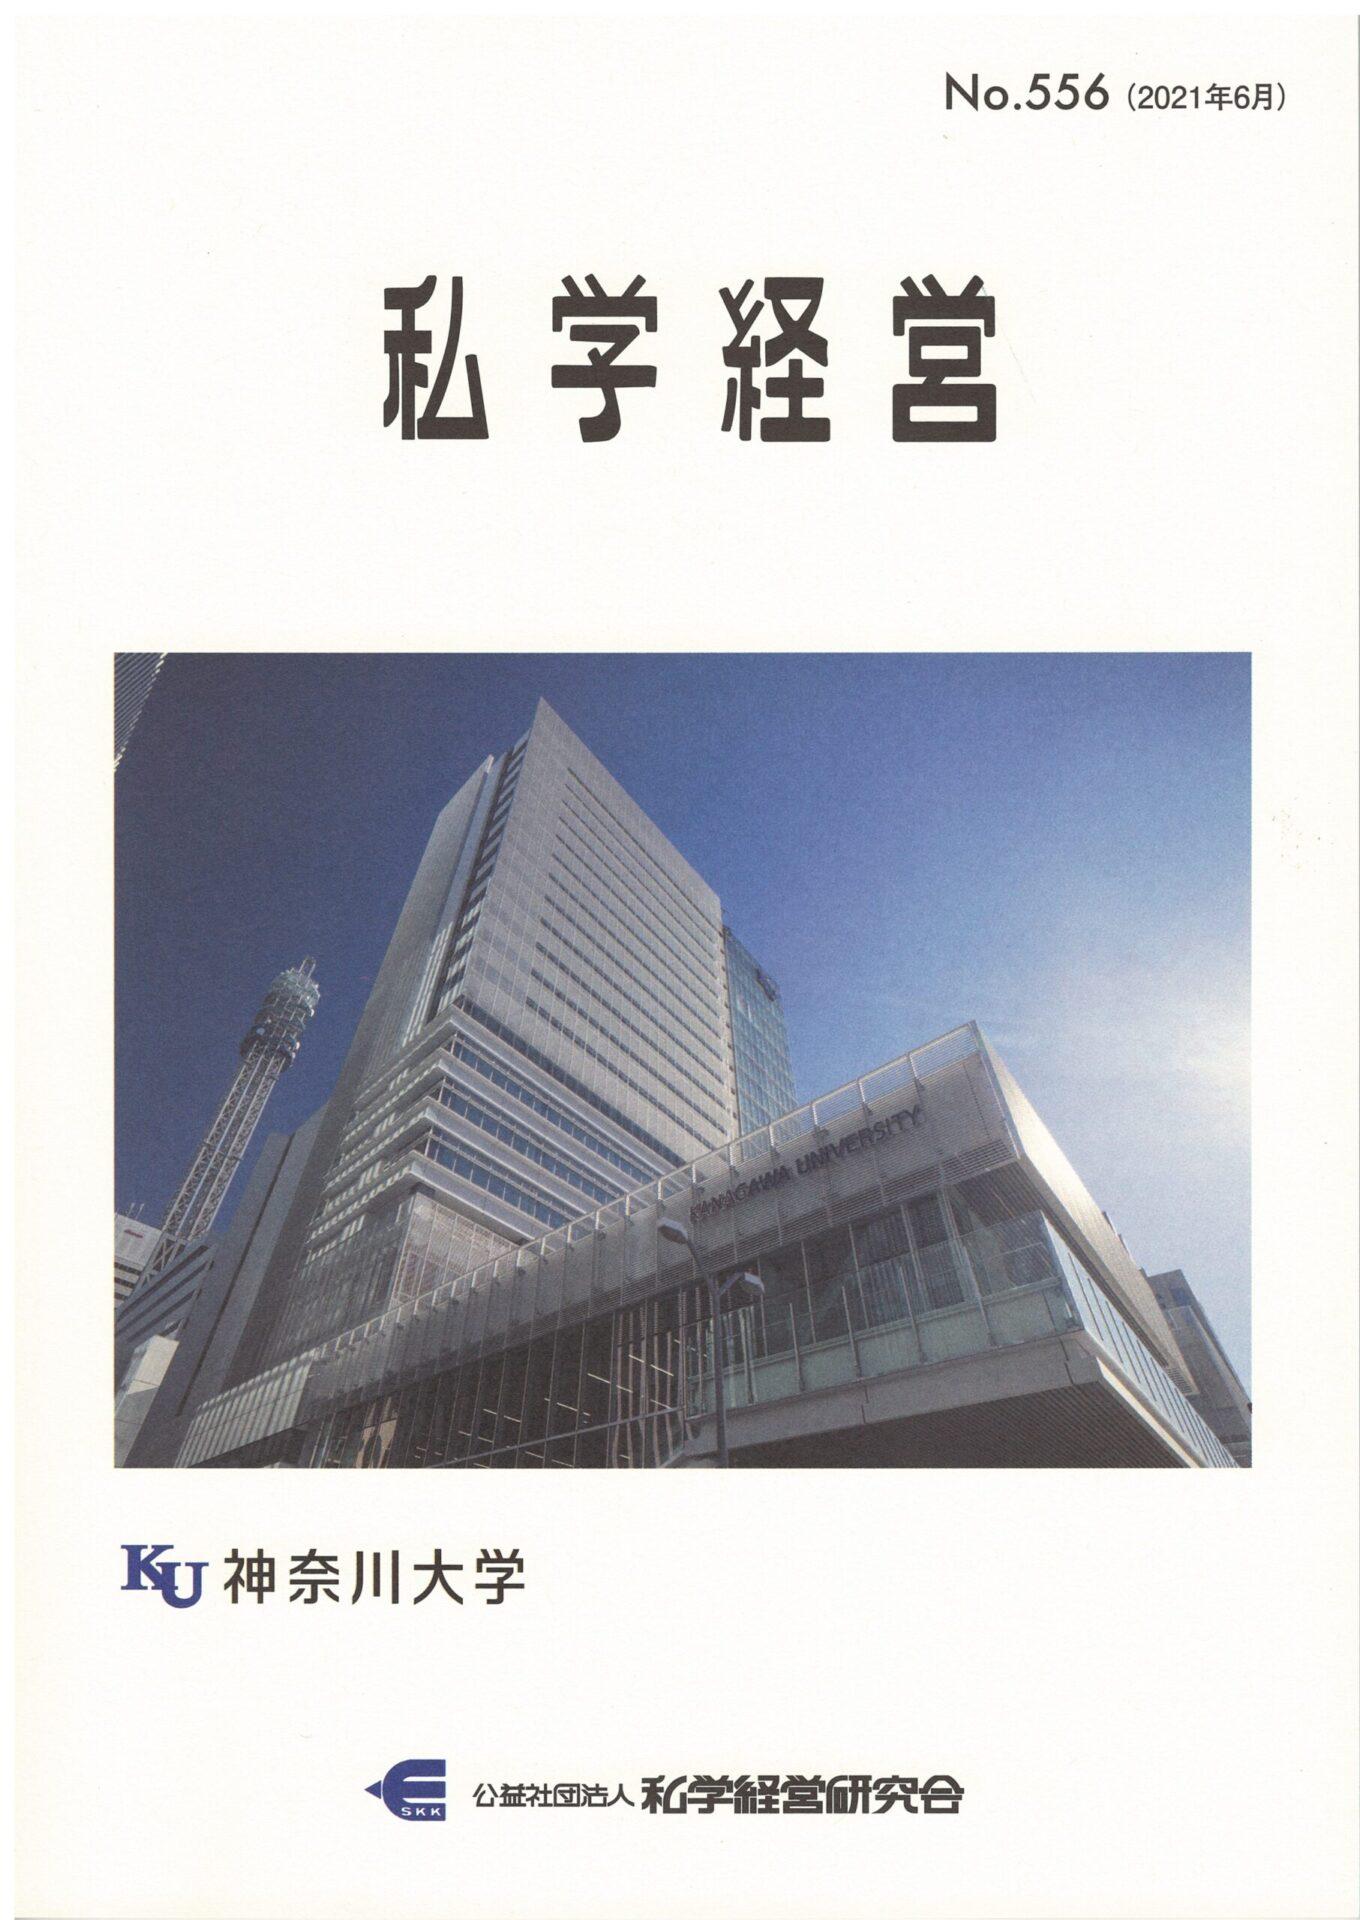 私学経営研究会「私学経営 No.556」論文表紙